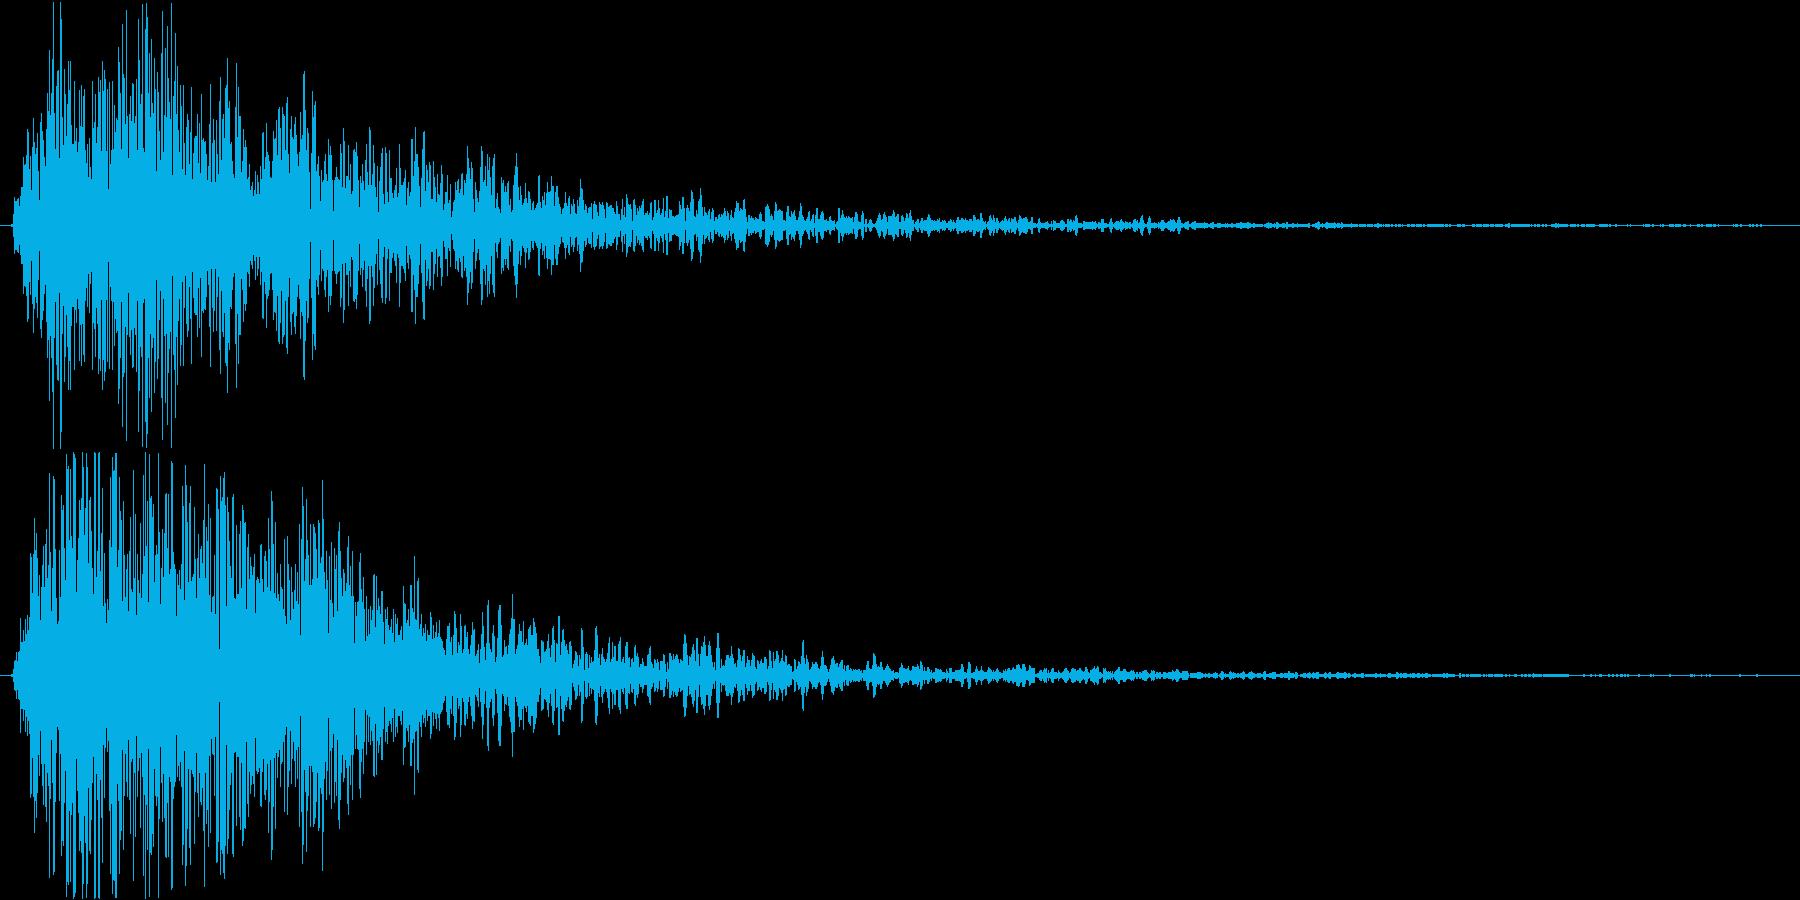 ホラー系のテロップSEの再生済みの波形